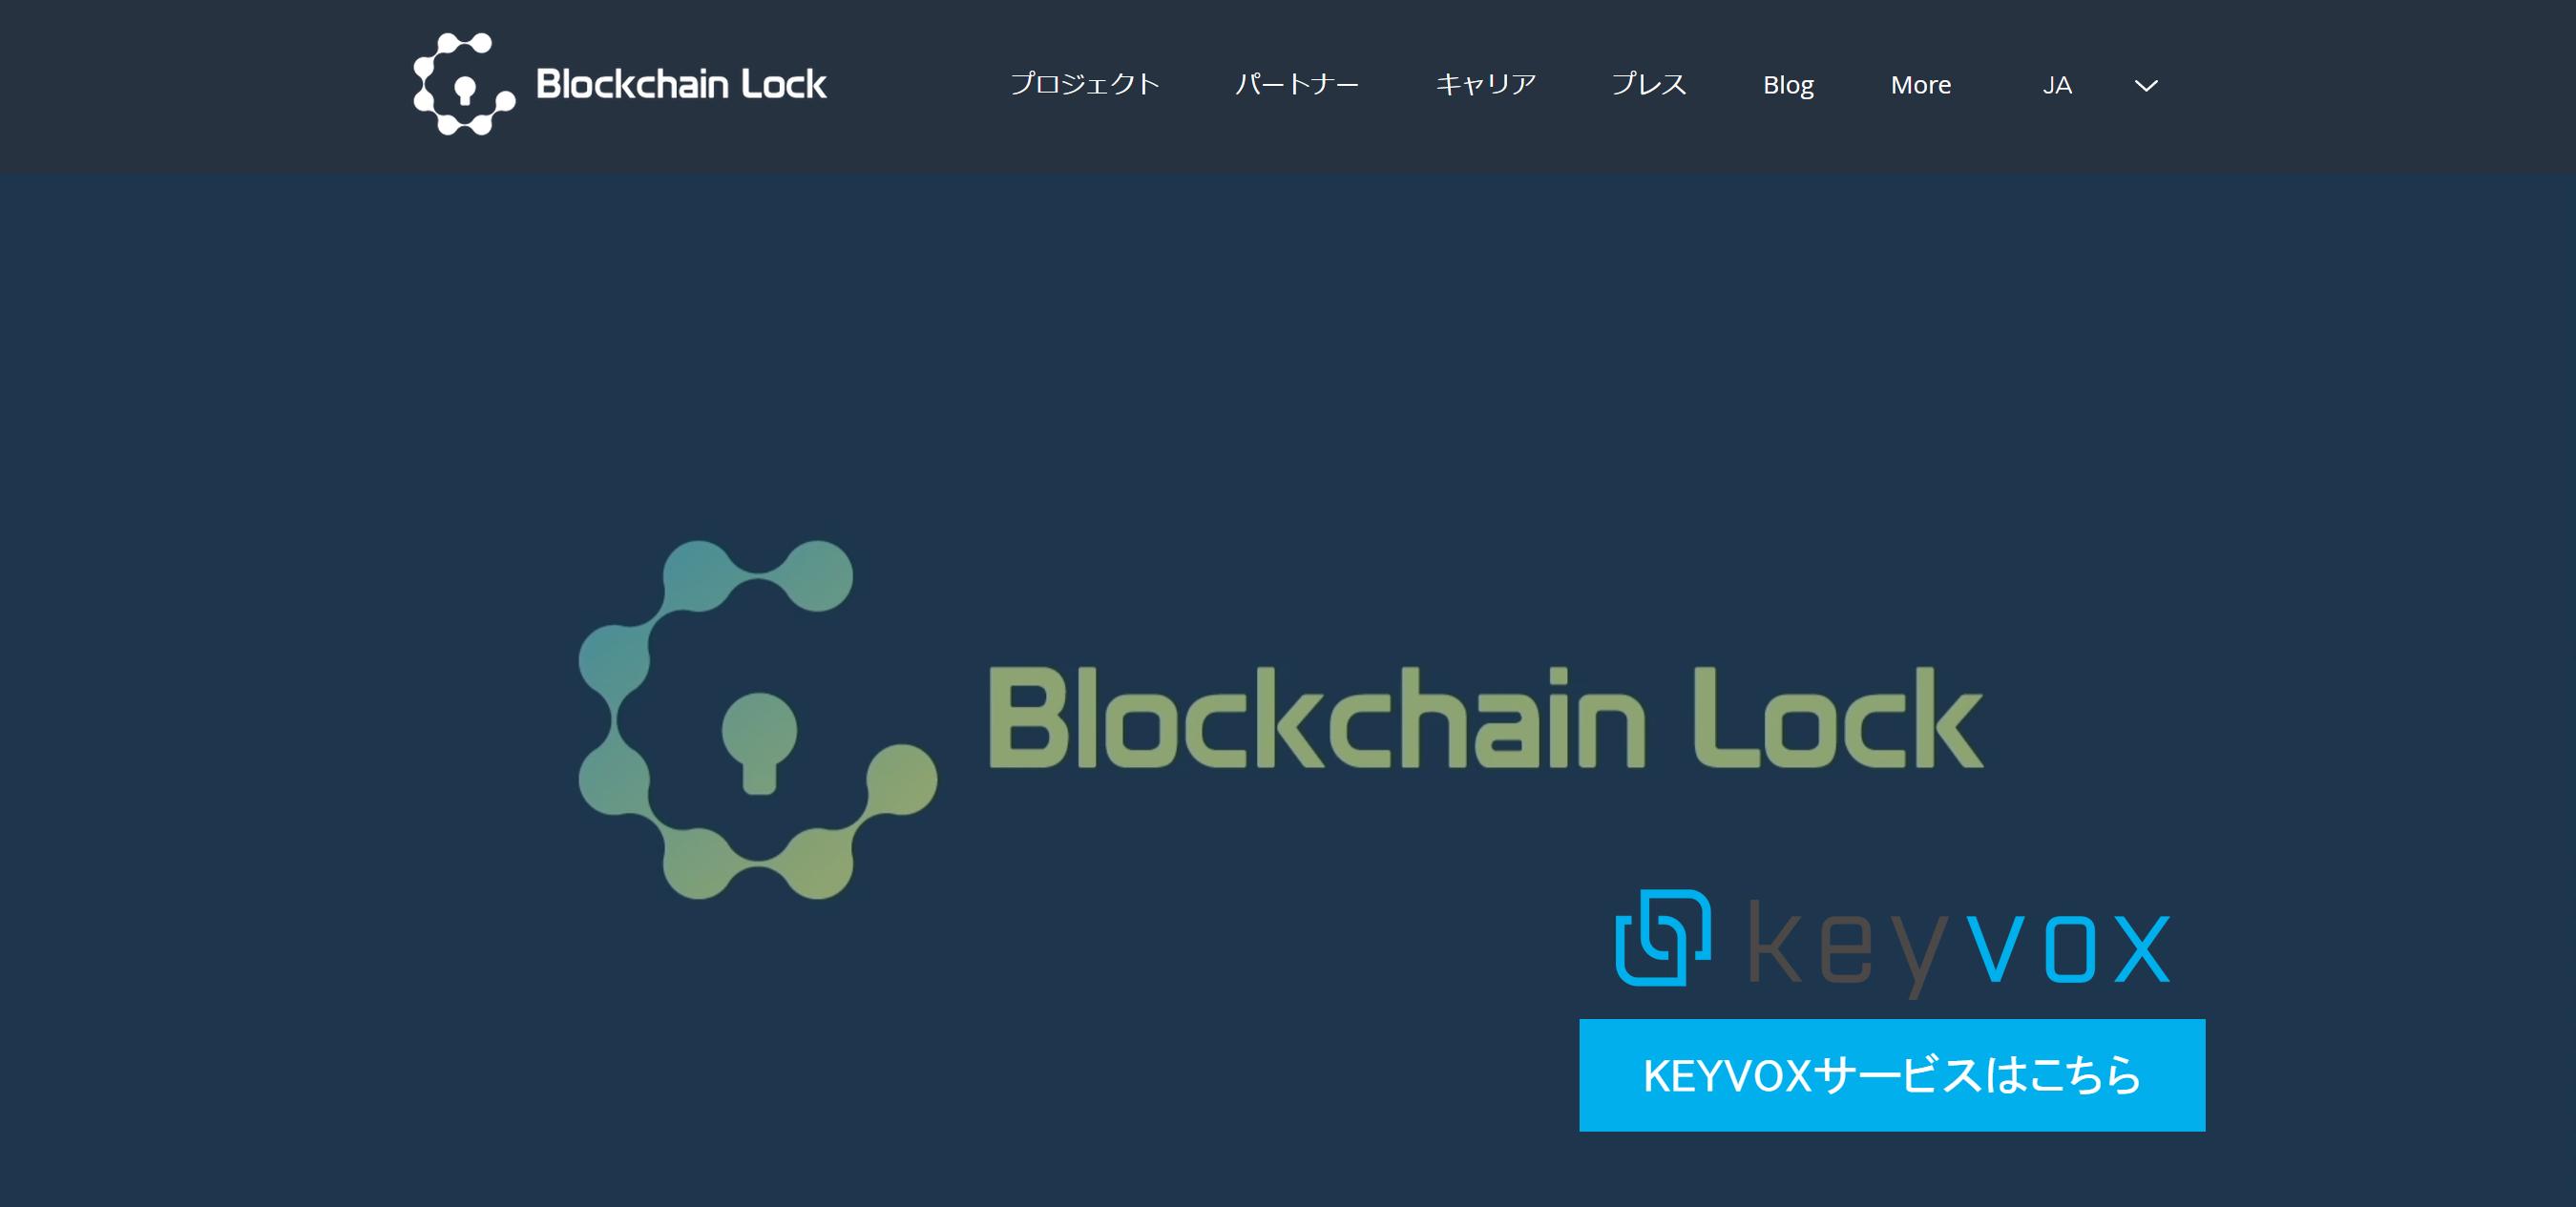 ブロックチェーンロックが「KEYVOX locker」発売